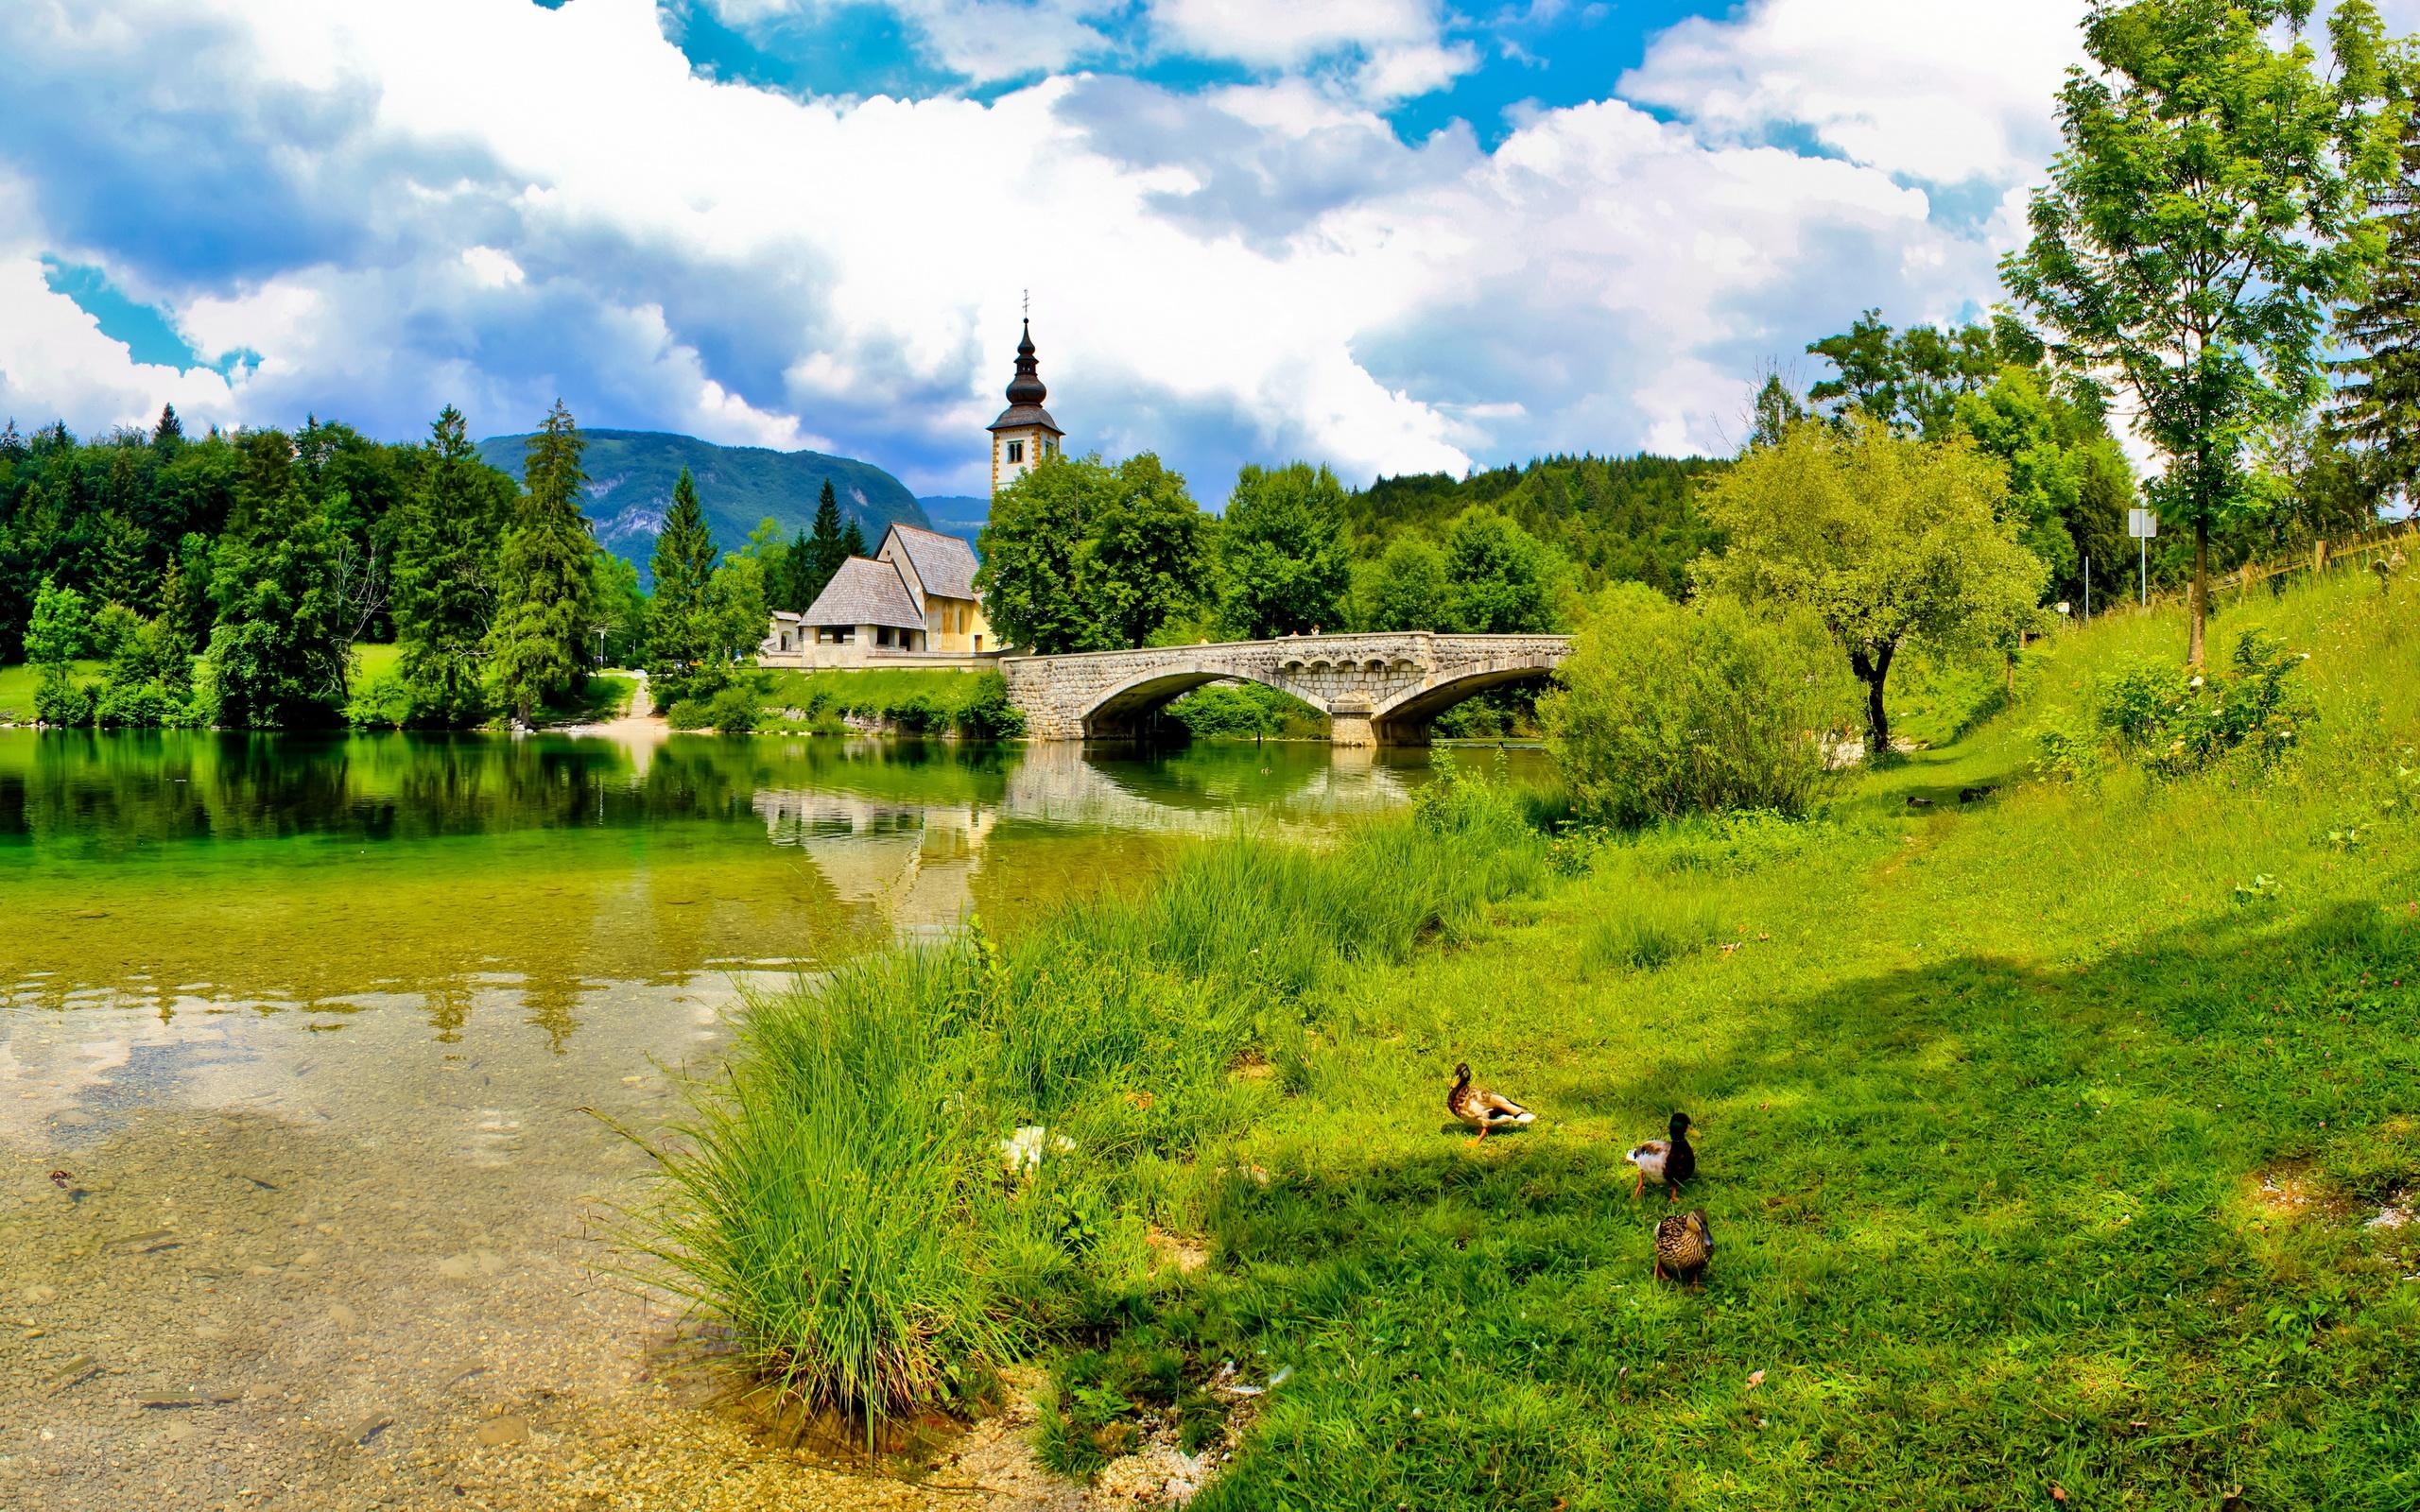 Фото летний пейзаж церковь река мост